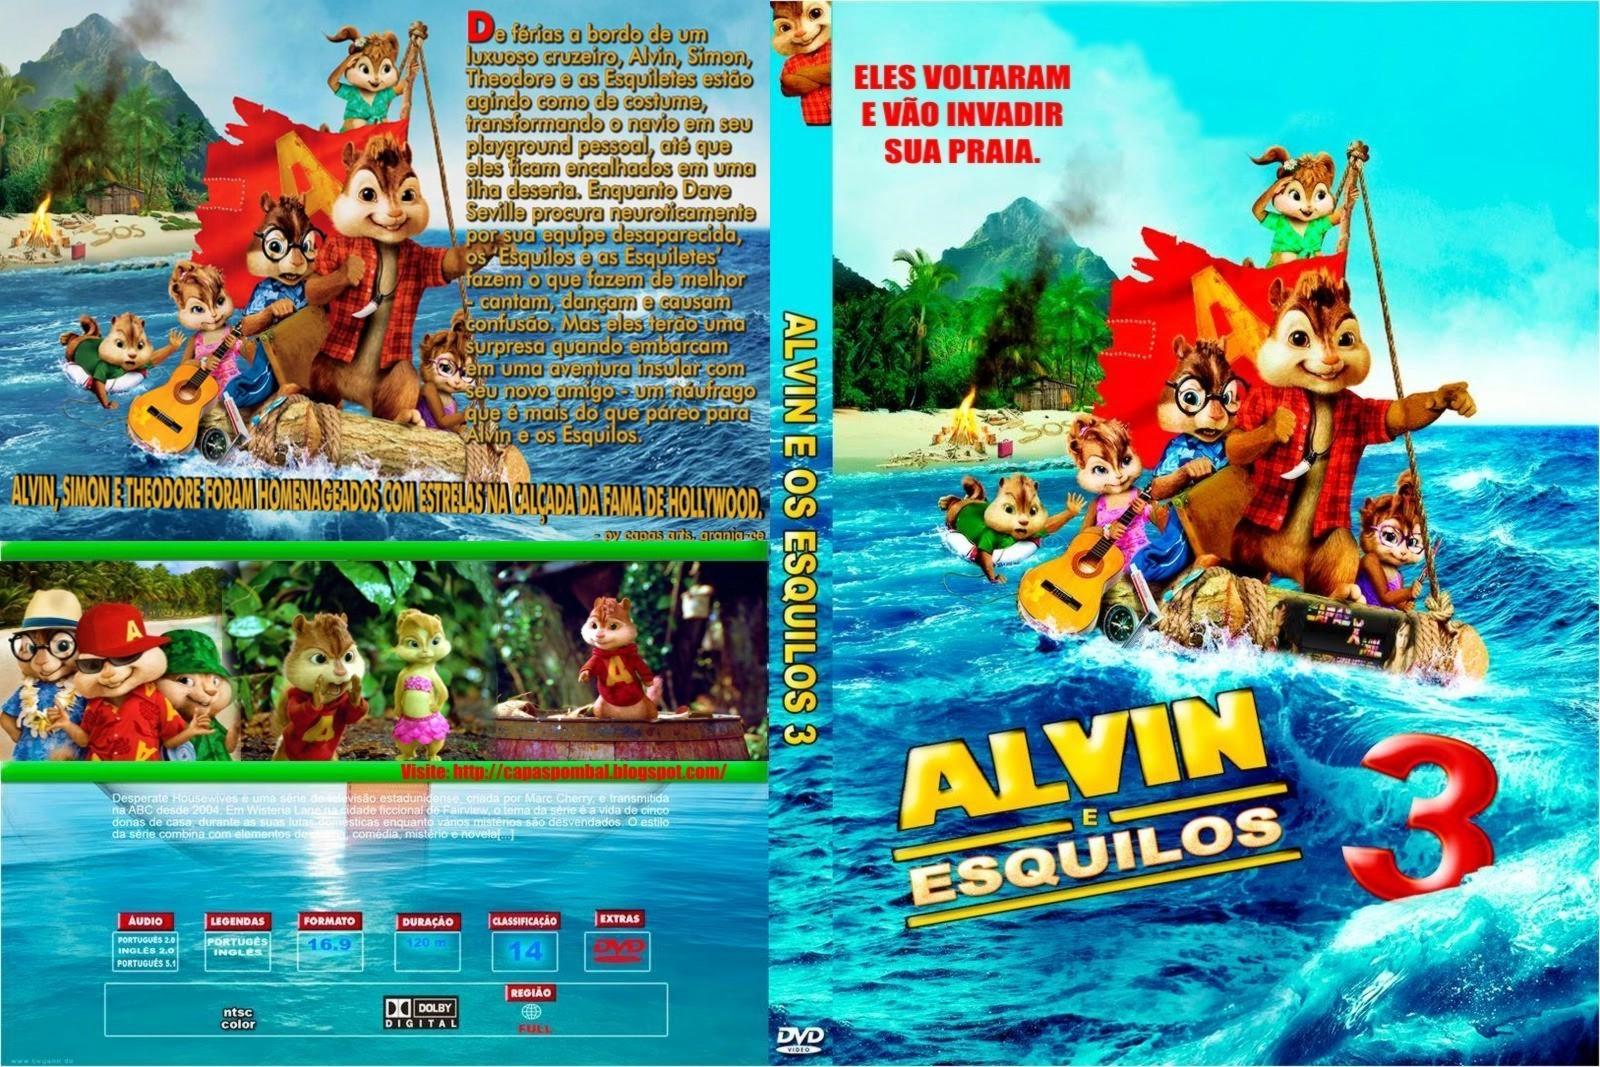 3gpcell covers alvin e os esquilos 3